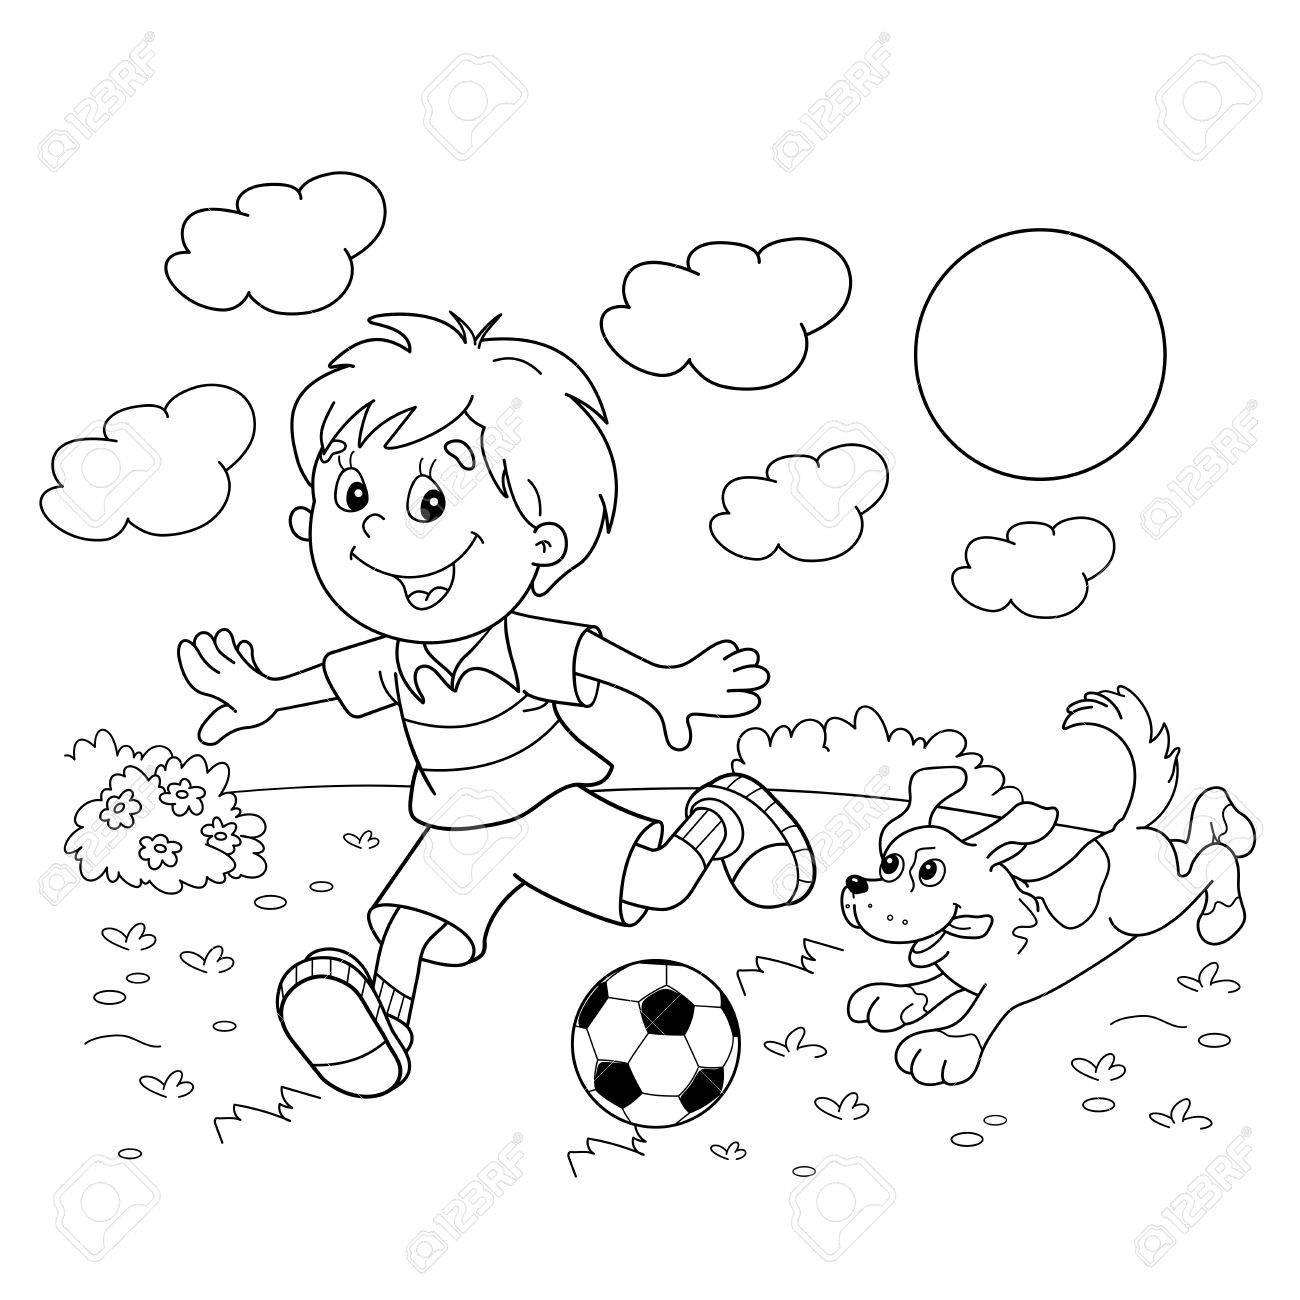 Banque d images Coloriage Outline gar§on de bande dessinée avec un ballon de football avec un chien Football livre de coloriage pour les enfants